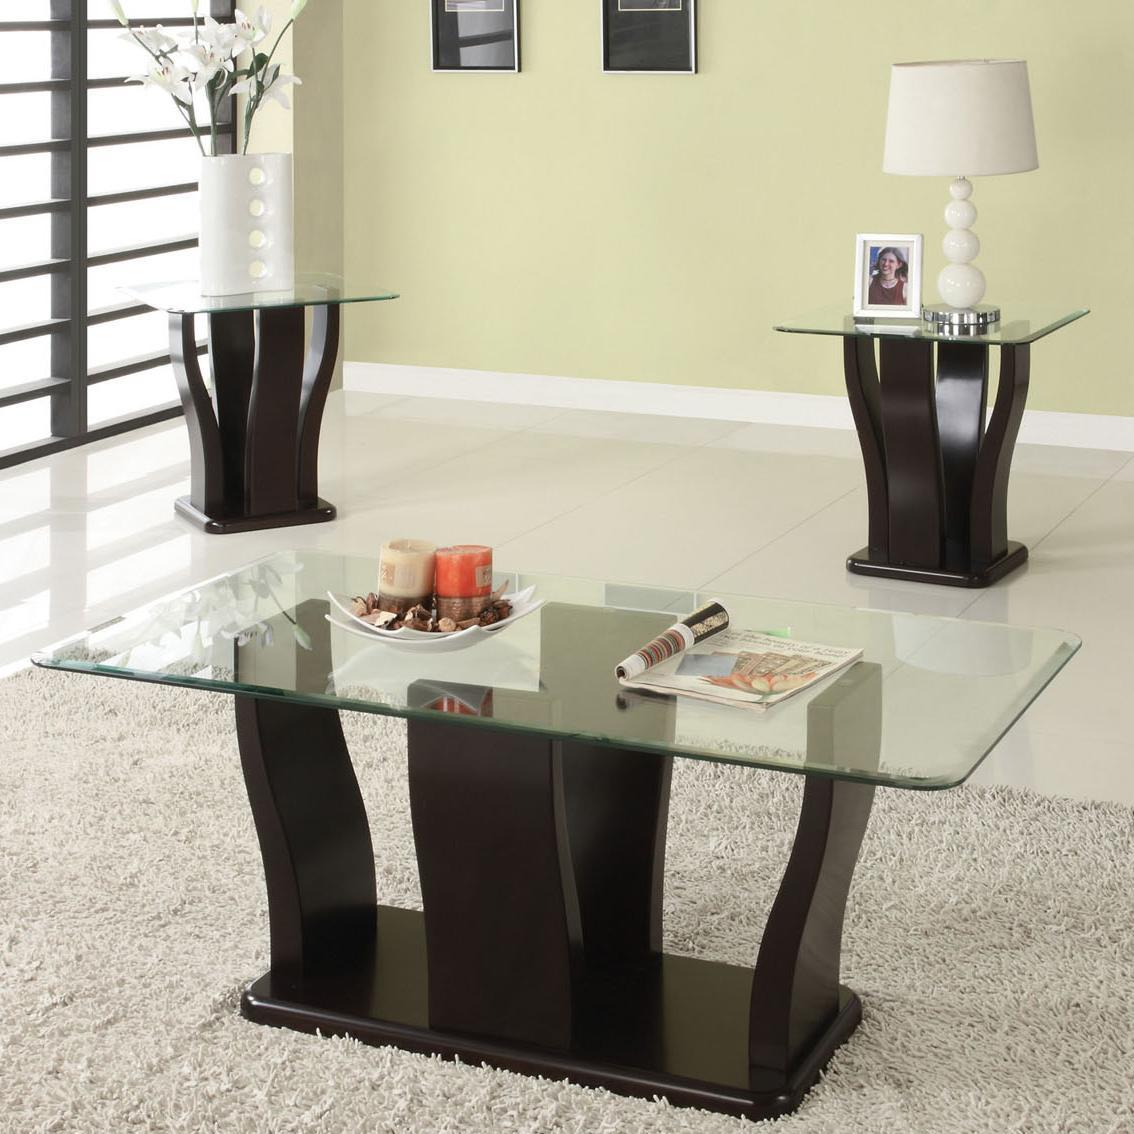 Acme Furniture Shaker 3Pc C/E Table Set - Item Number: 18450